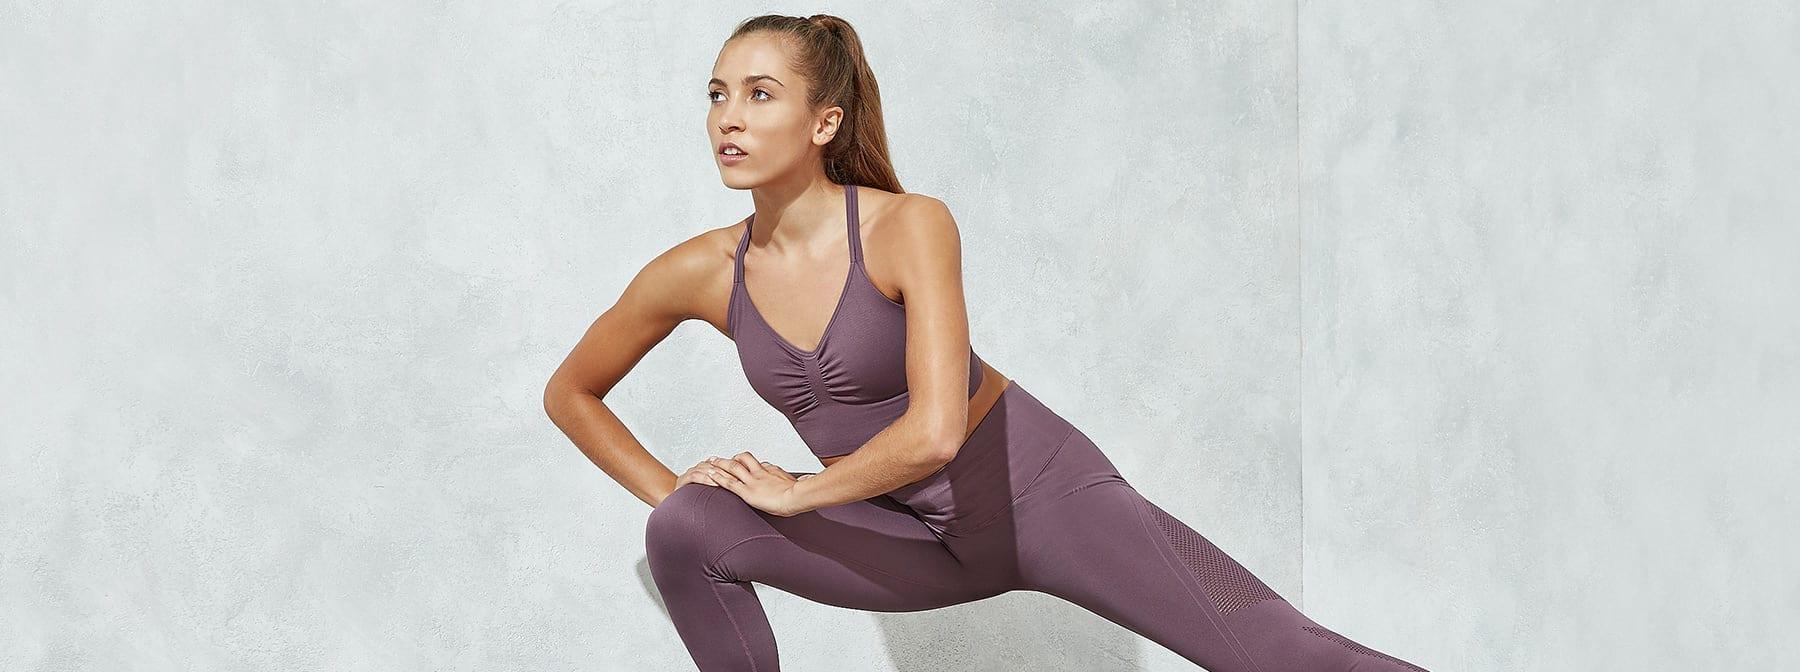 Músculos Aductores |Top 5 Ejercicios y Estiramientos